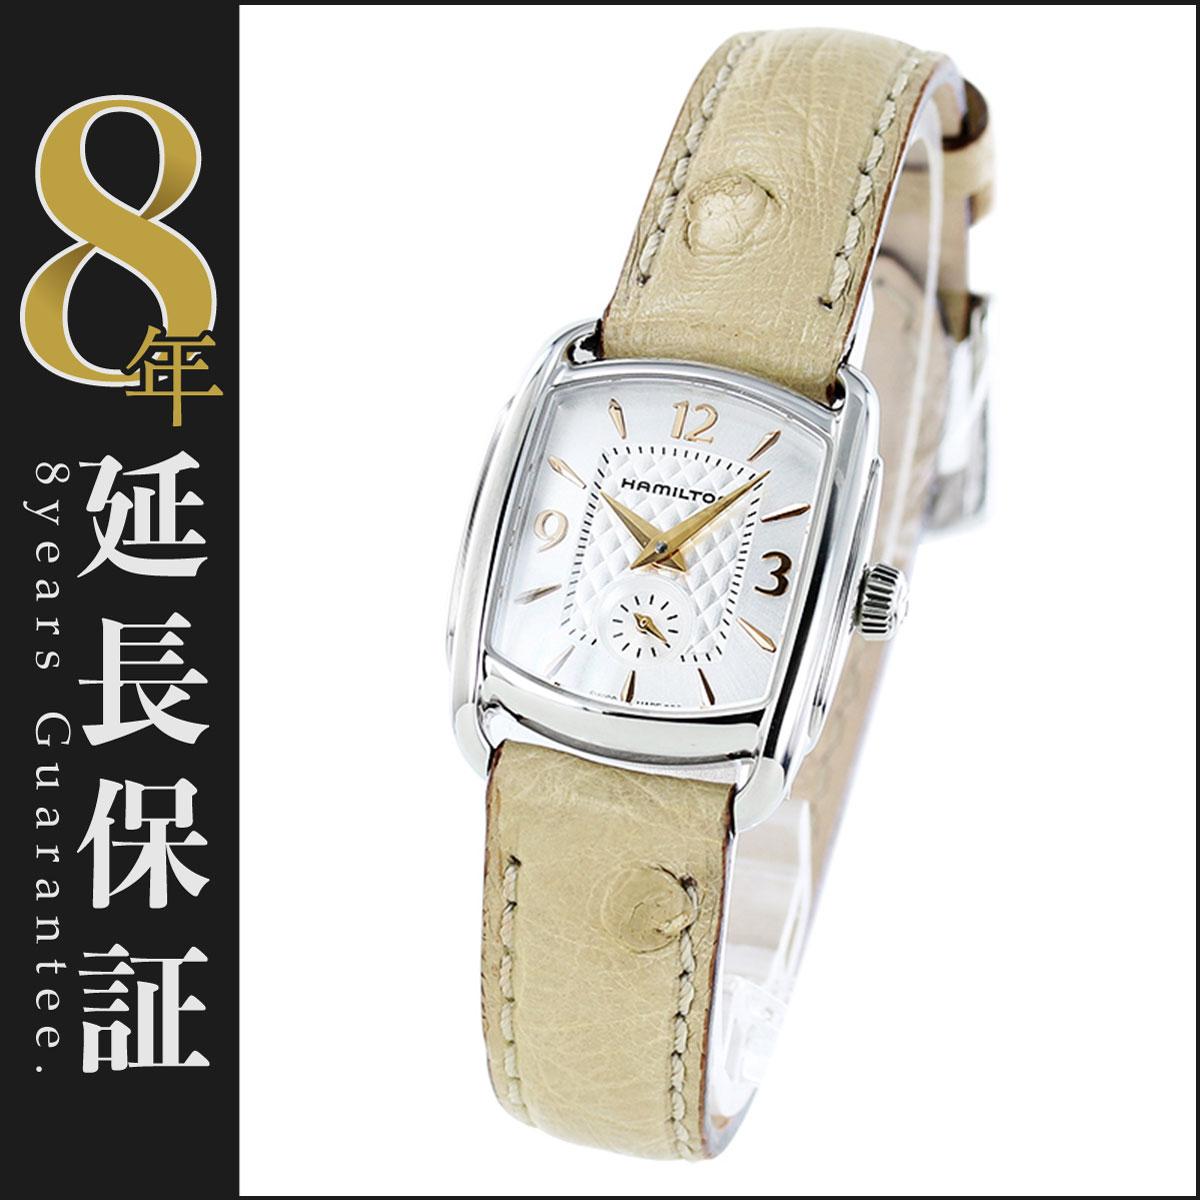 ハミルトン バグリー オーストリッチレザー 腕時計 レディース HAMILTON H12351855_8